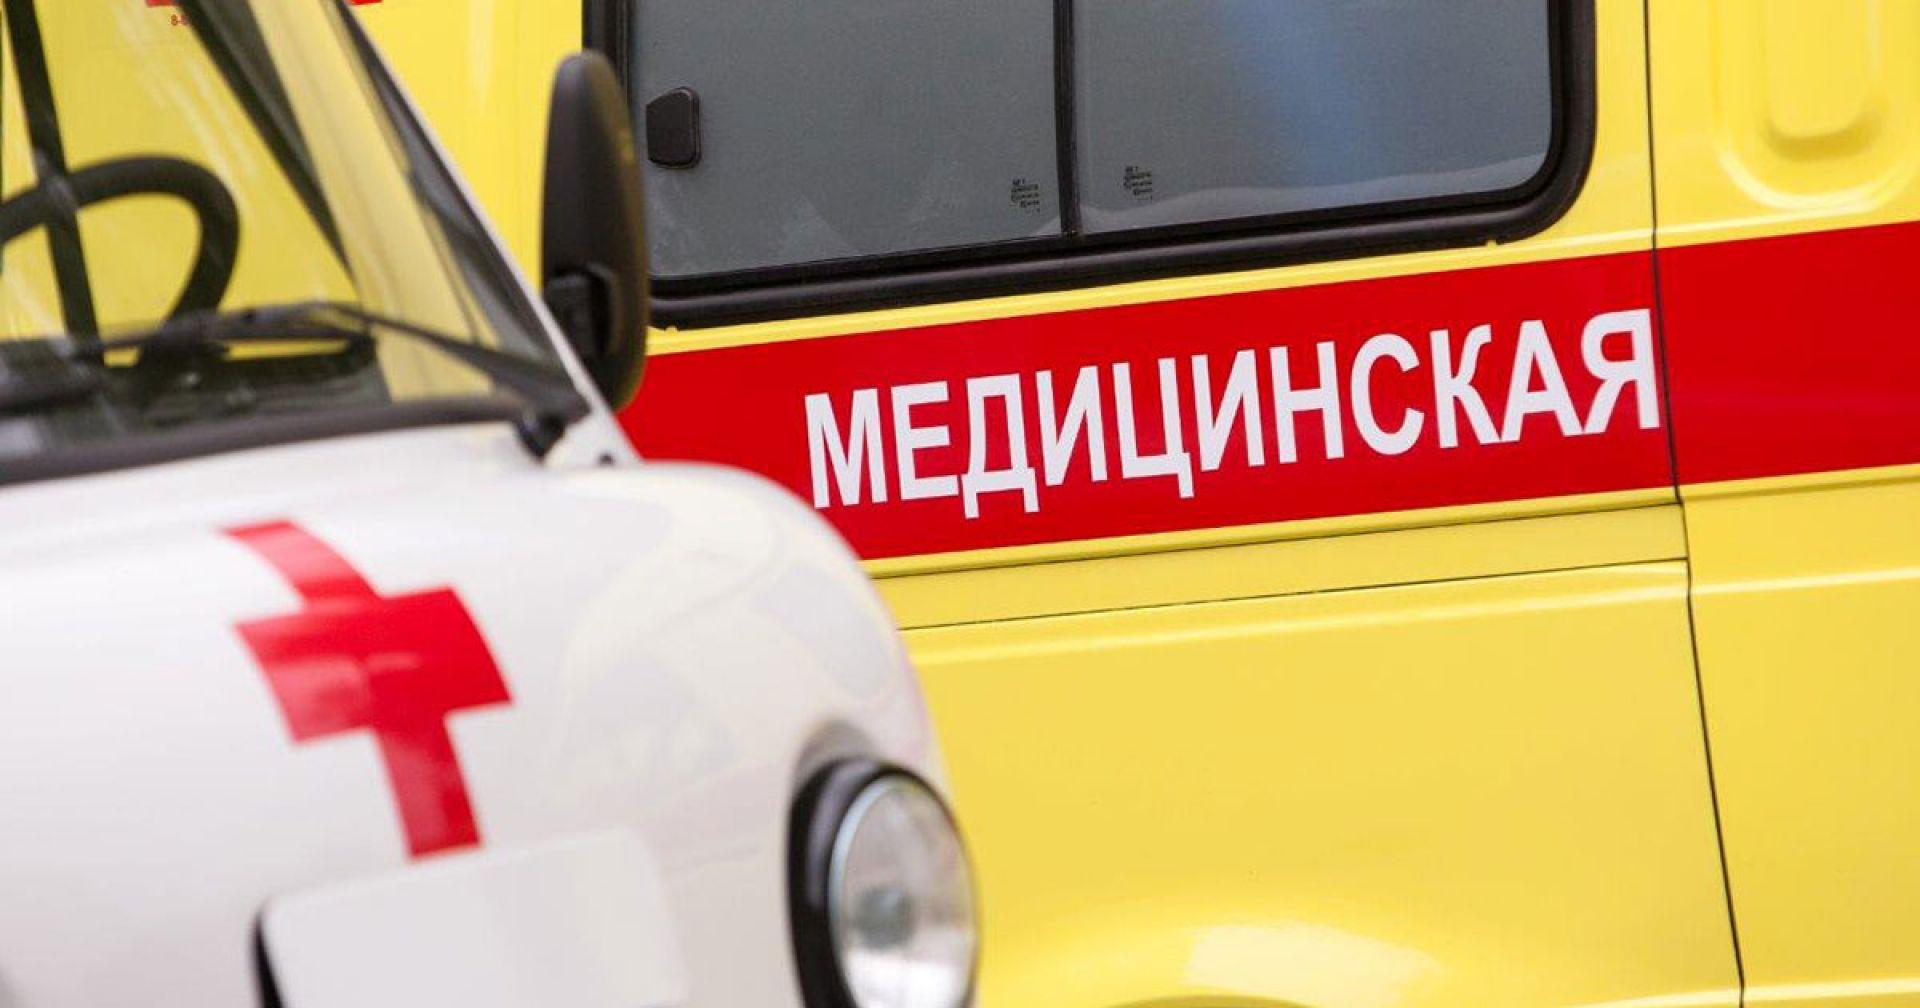 Трёхлетнюю девочку, прибывшую из Китая, прямо с самолёта увезли в больницу Новосибирска